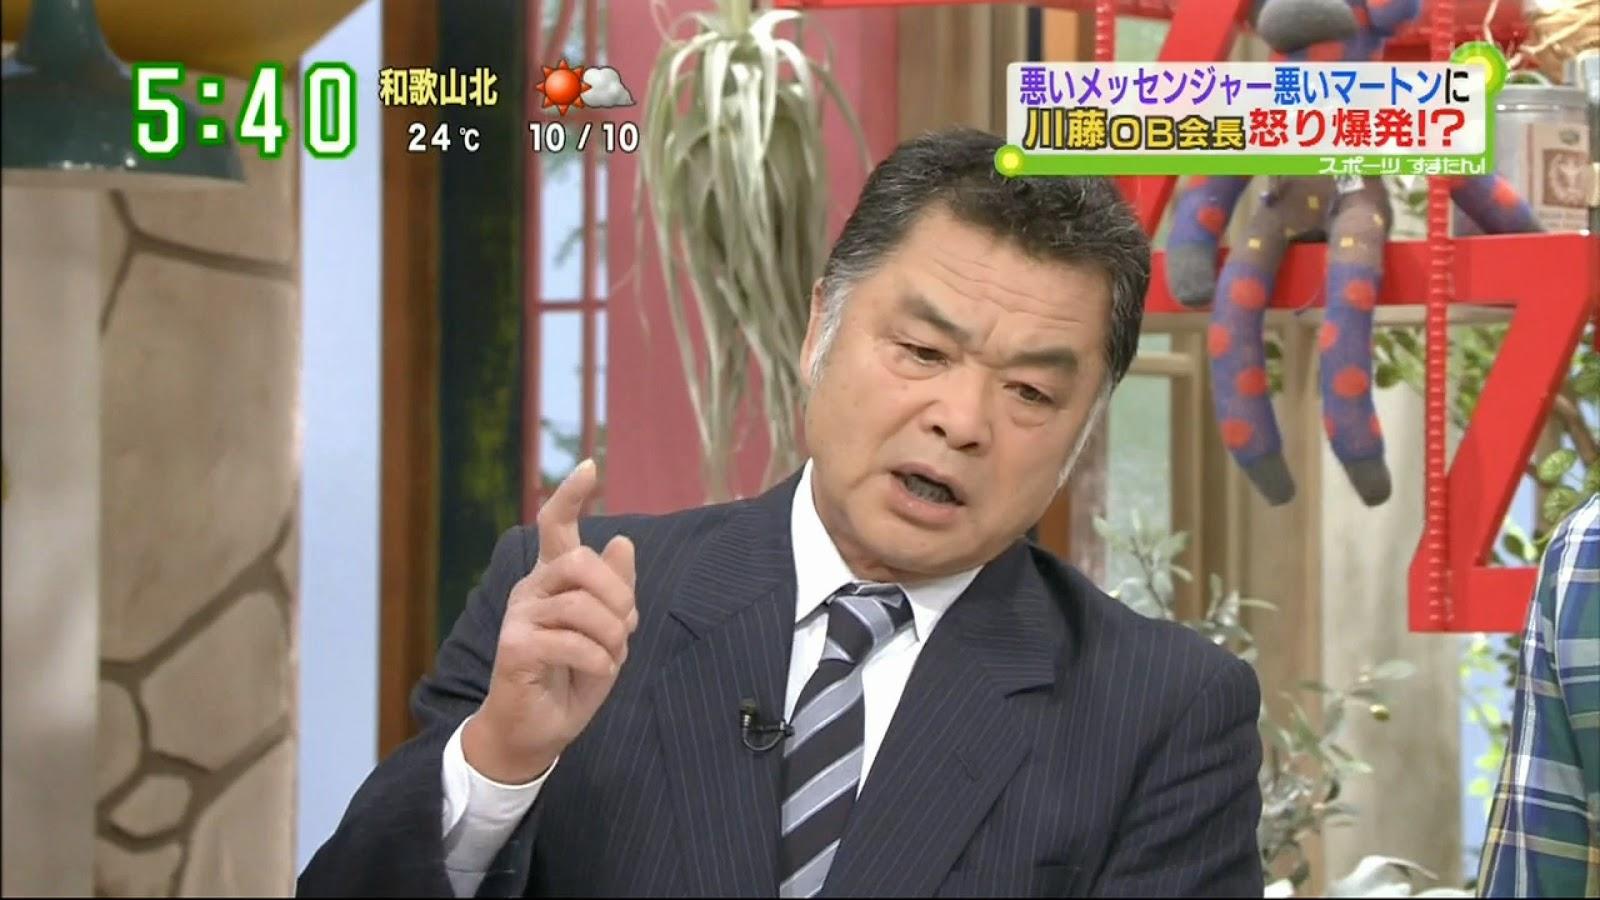 幸三 川藤